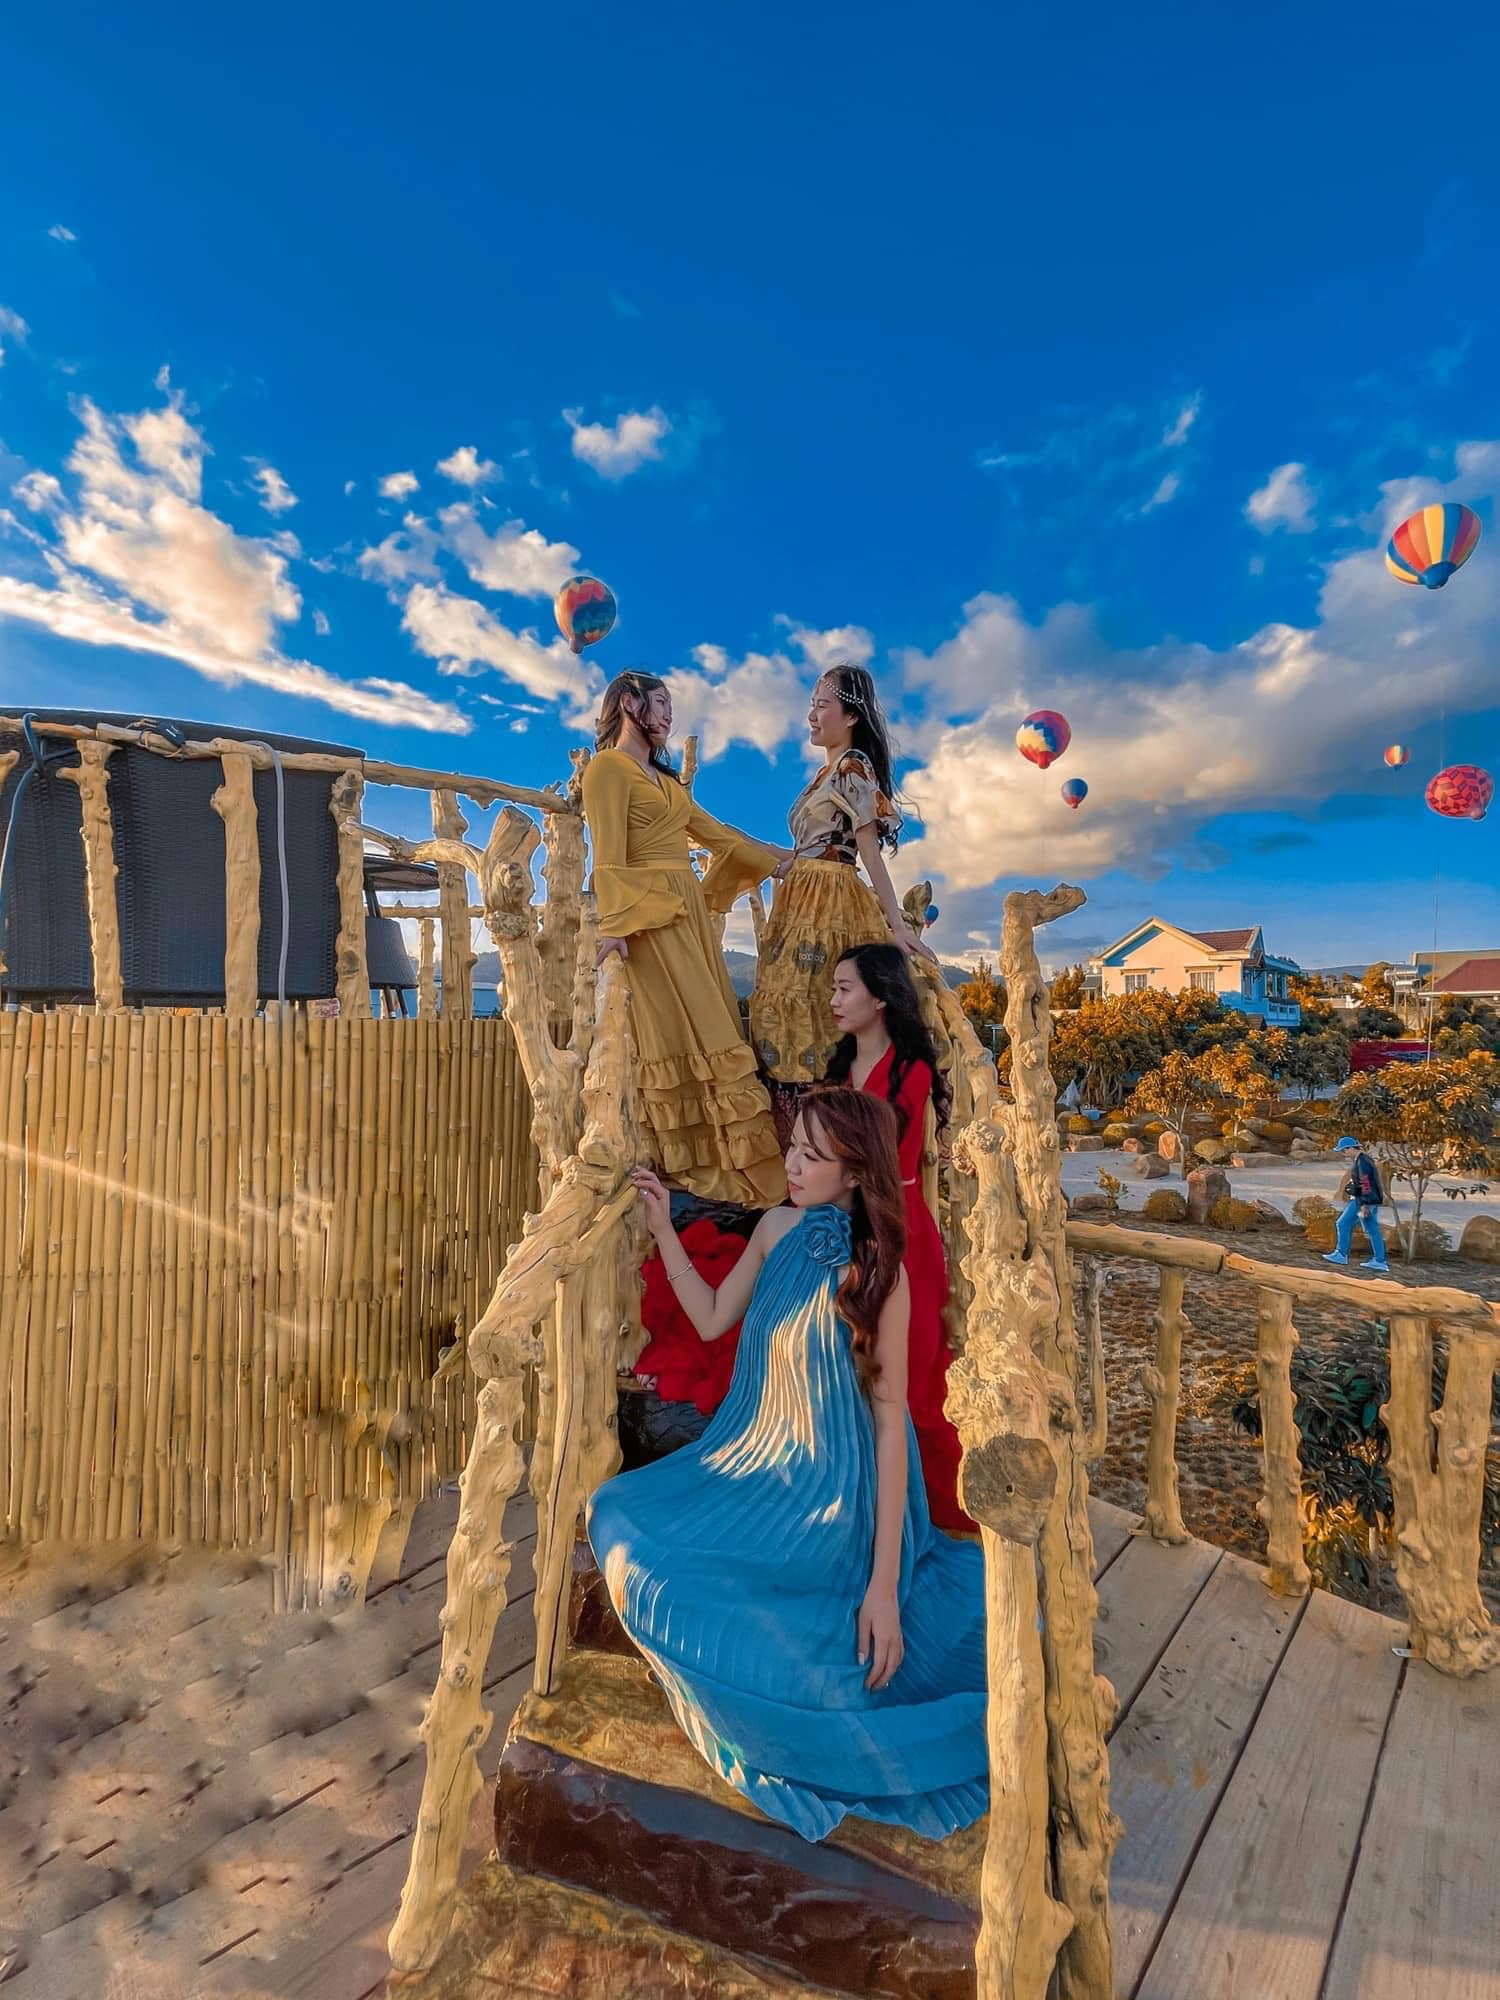 Thảo Nguyên Xanh coffee – Xuất hiện quán cafe khinh khí cầu siêu ảo diệu ngay sát Đà Lạt